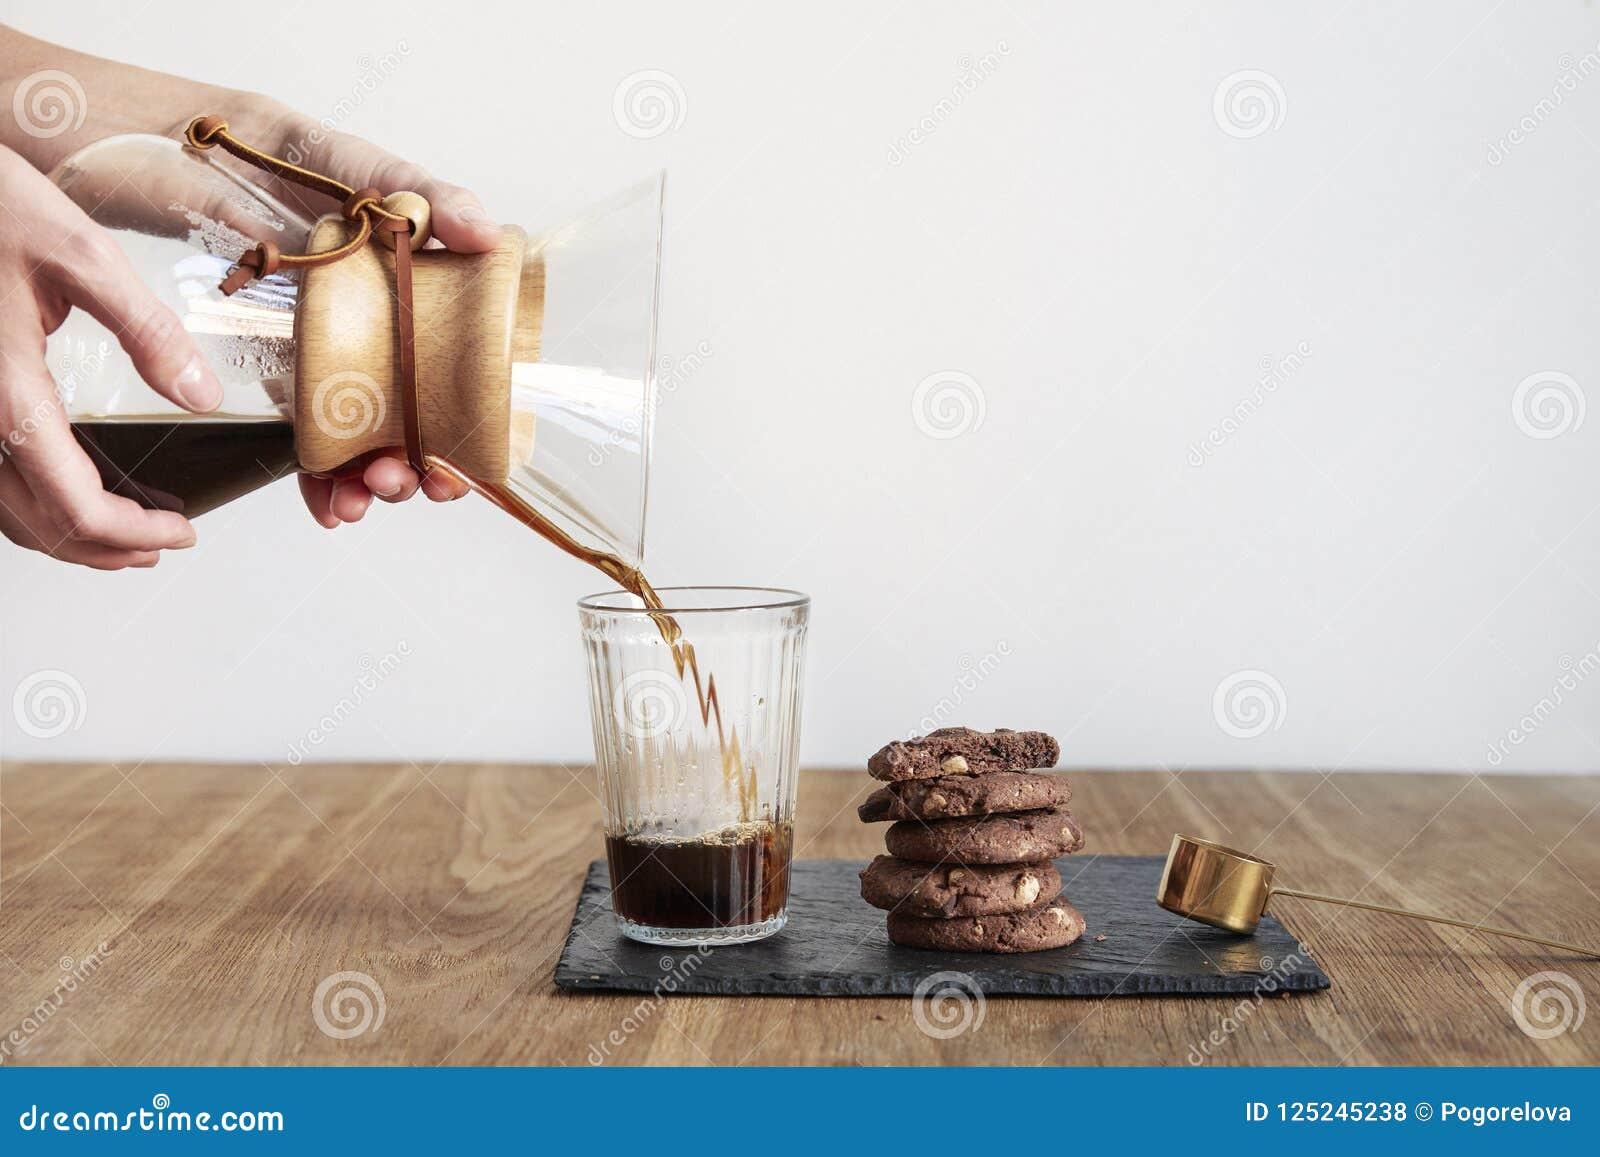 Giet over koffie brouwende methode Chemex, de greep van vrouwenhanden een glaskom, stilleven met browniekoekjes op houten lijst